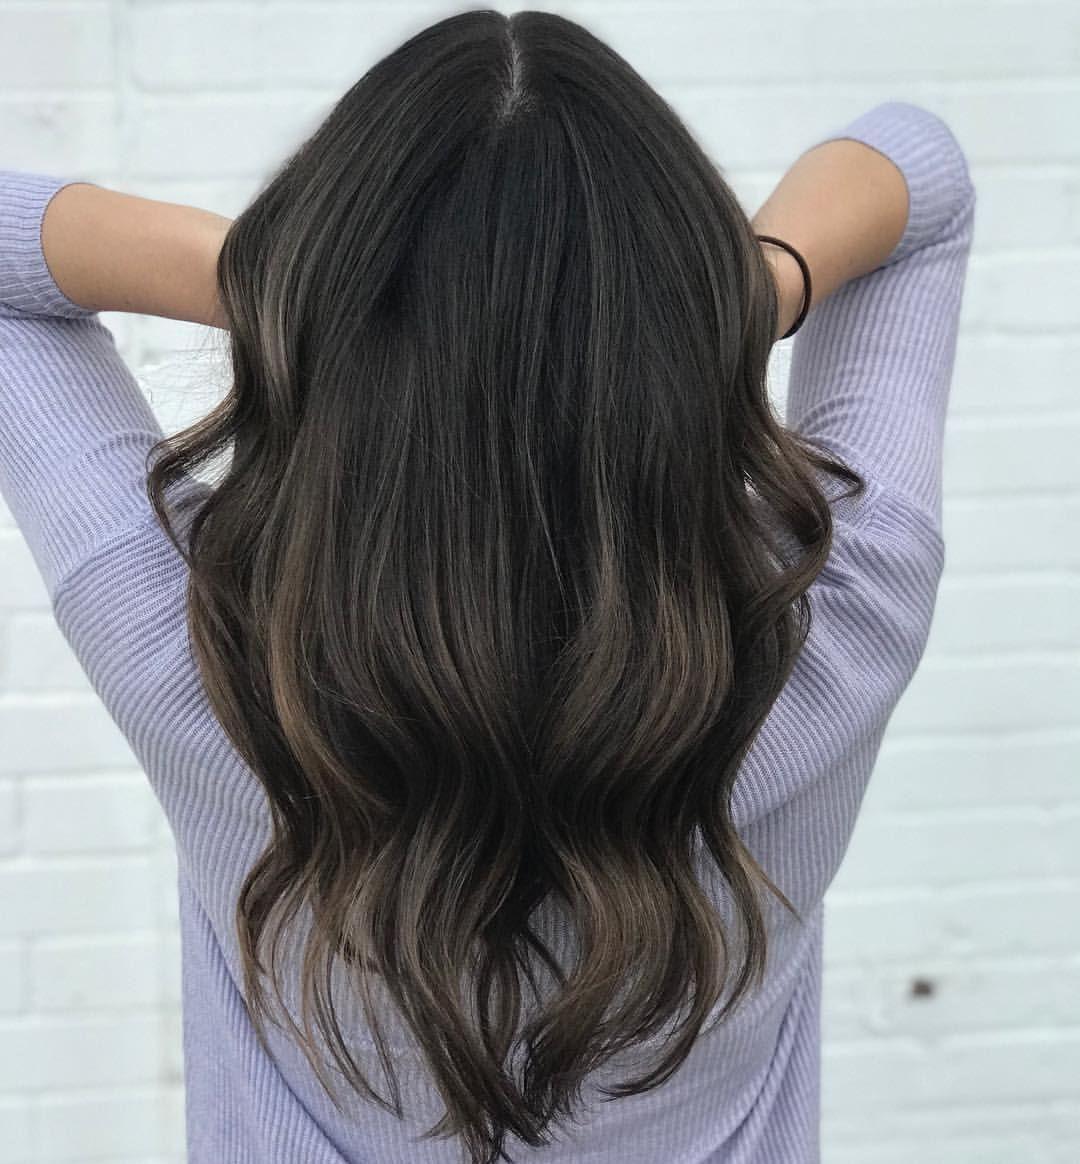 Soft And Subtle Ash Brown Balayage Balayage Balayagehair Brunette Balayagehighlights Brondeba Aveda Hair Color Brown Hair Balayage Ash Hair Color